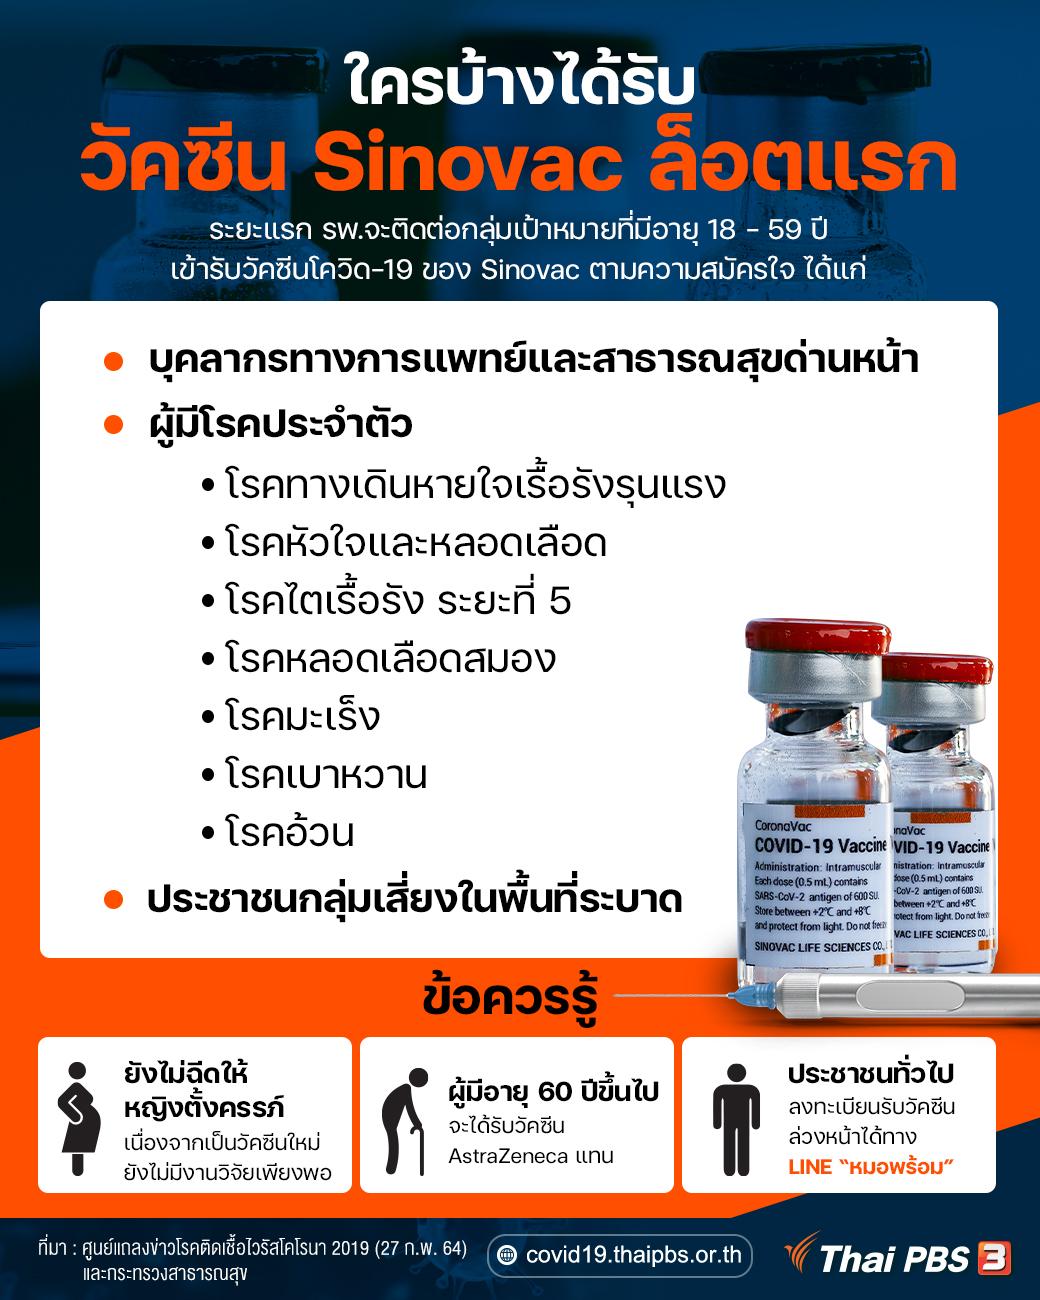 ใครบ้างได้รับวัคซีน Sinovac ล็อตแรก